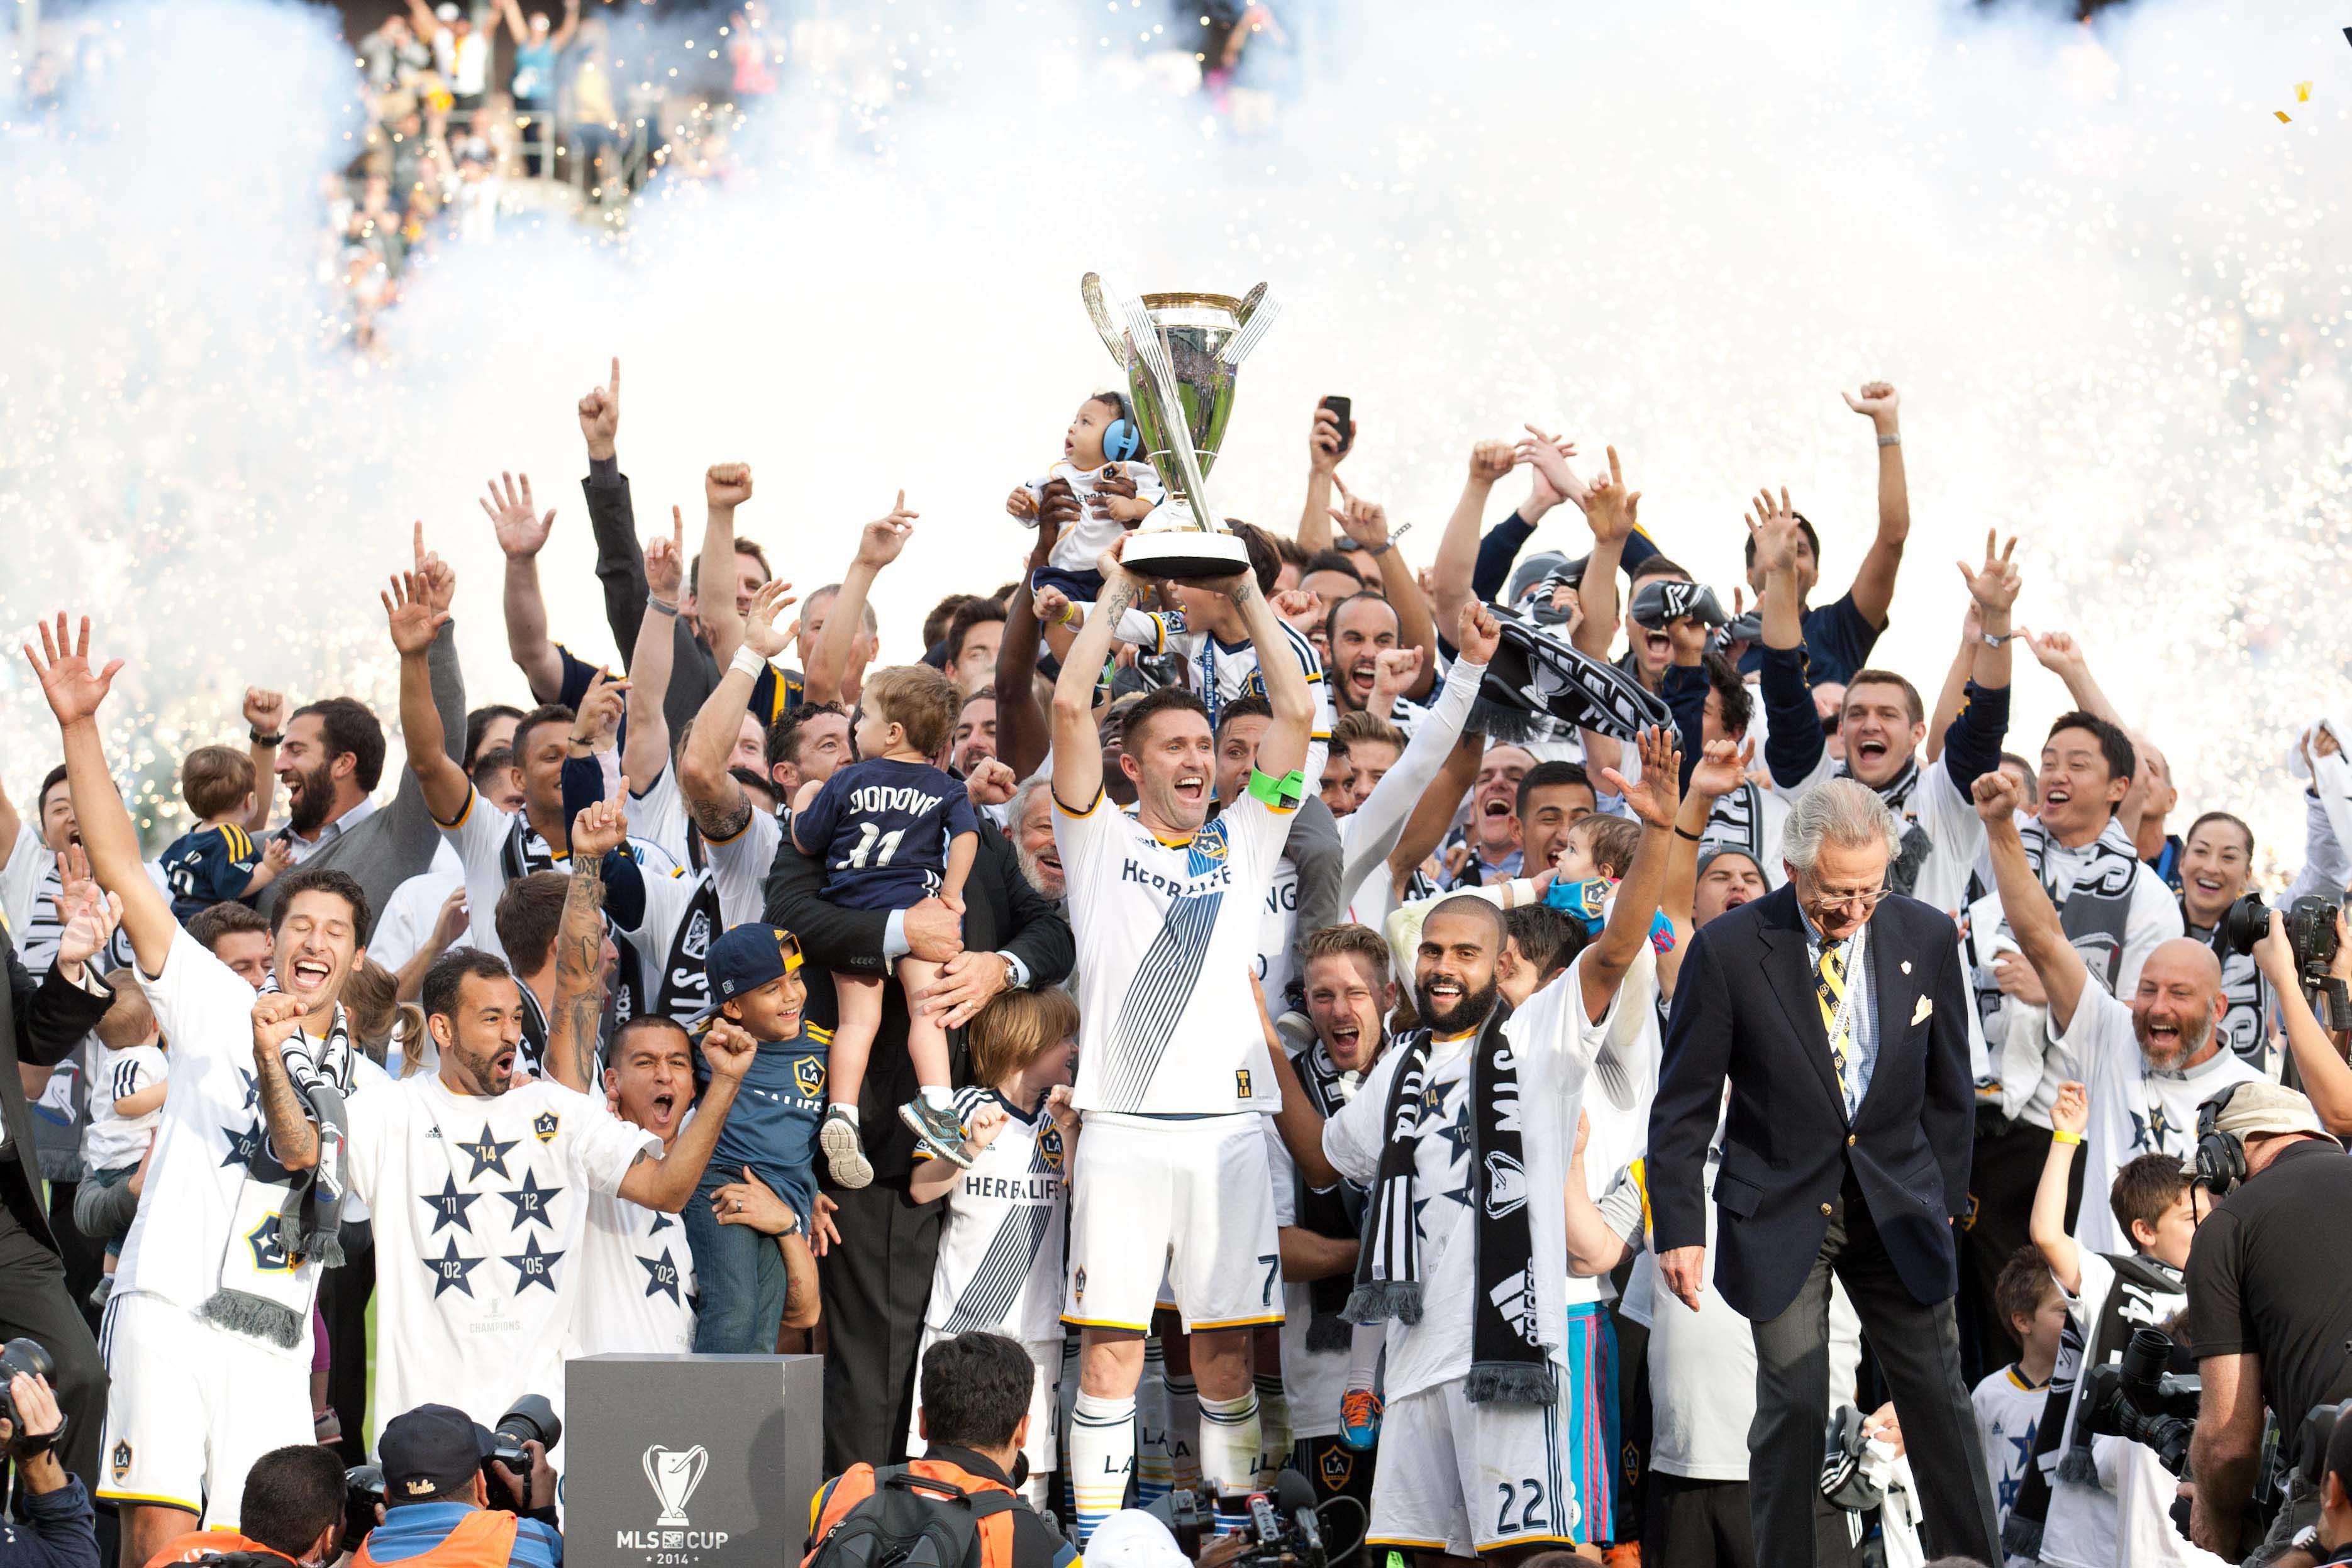 Soccer - MLS - Final - LA Galaxy v New England Revolution - StubHub Center